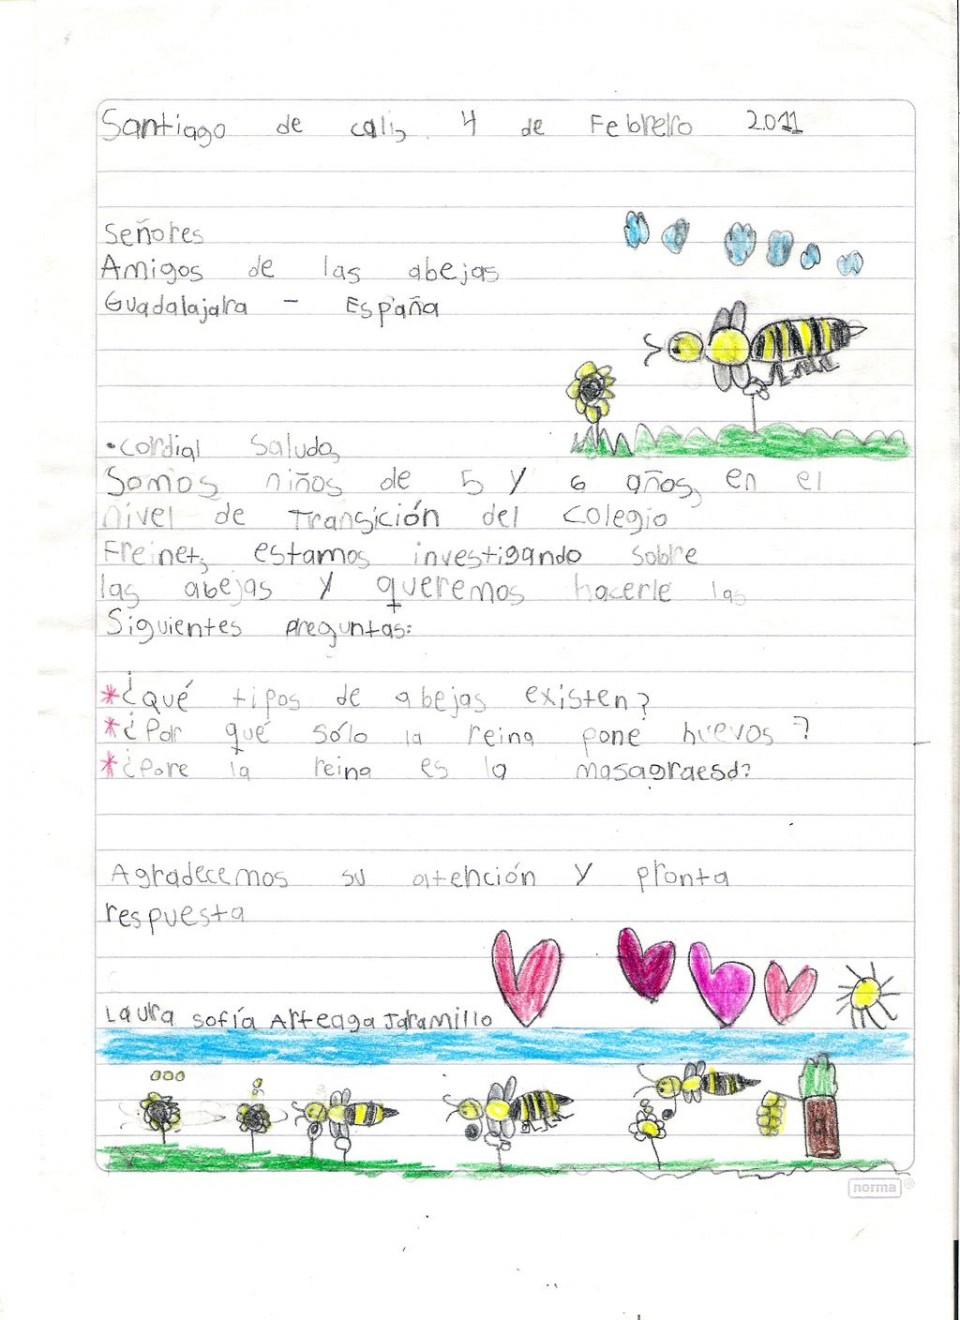 Cartas de niños | Fundación Amigos de las Abejas